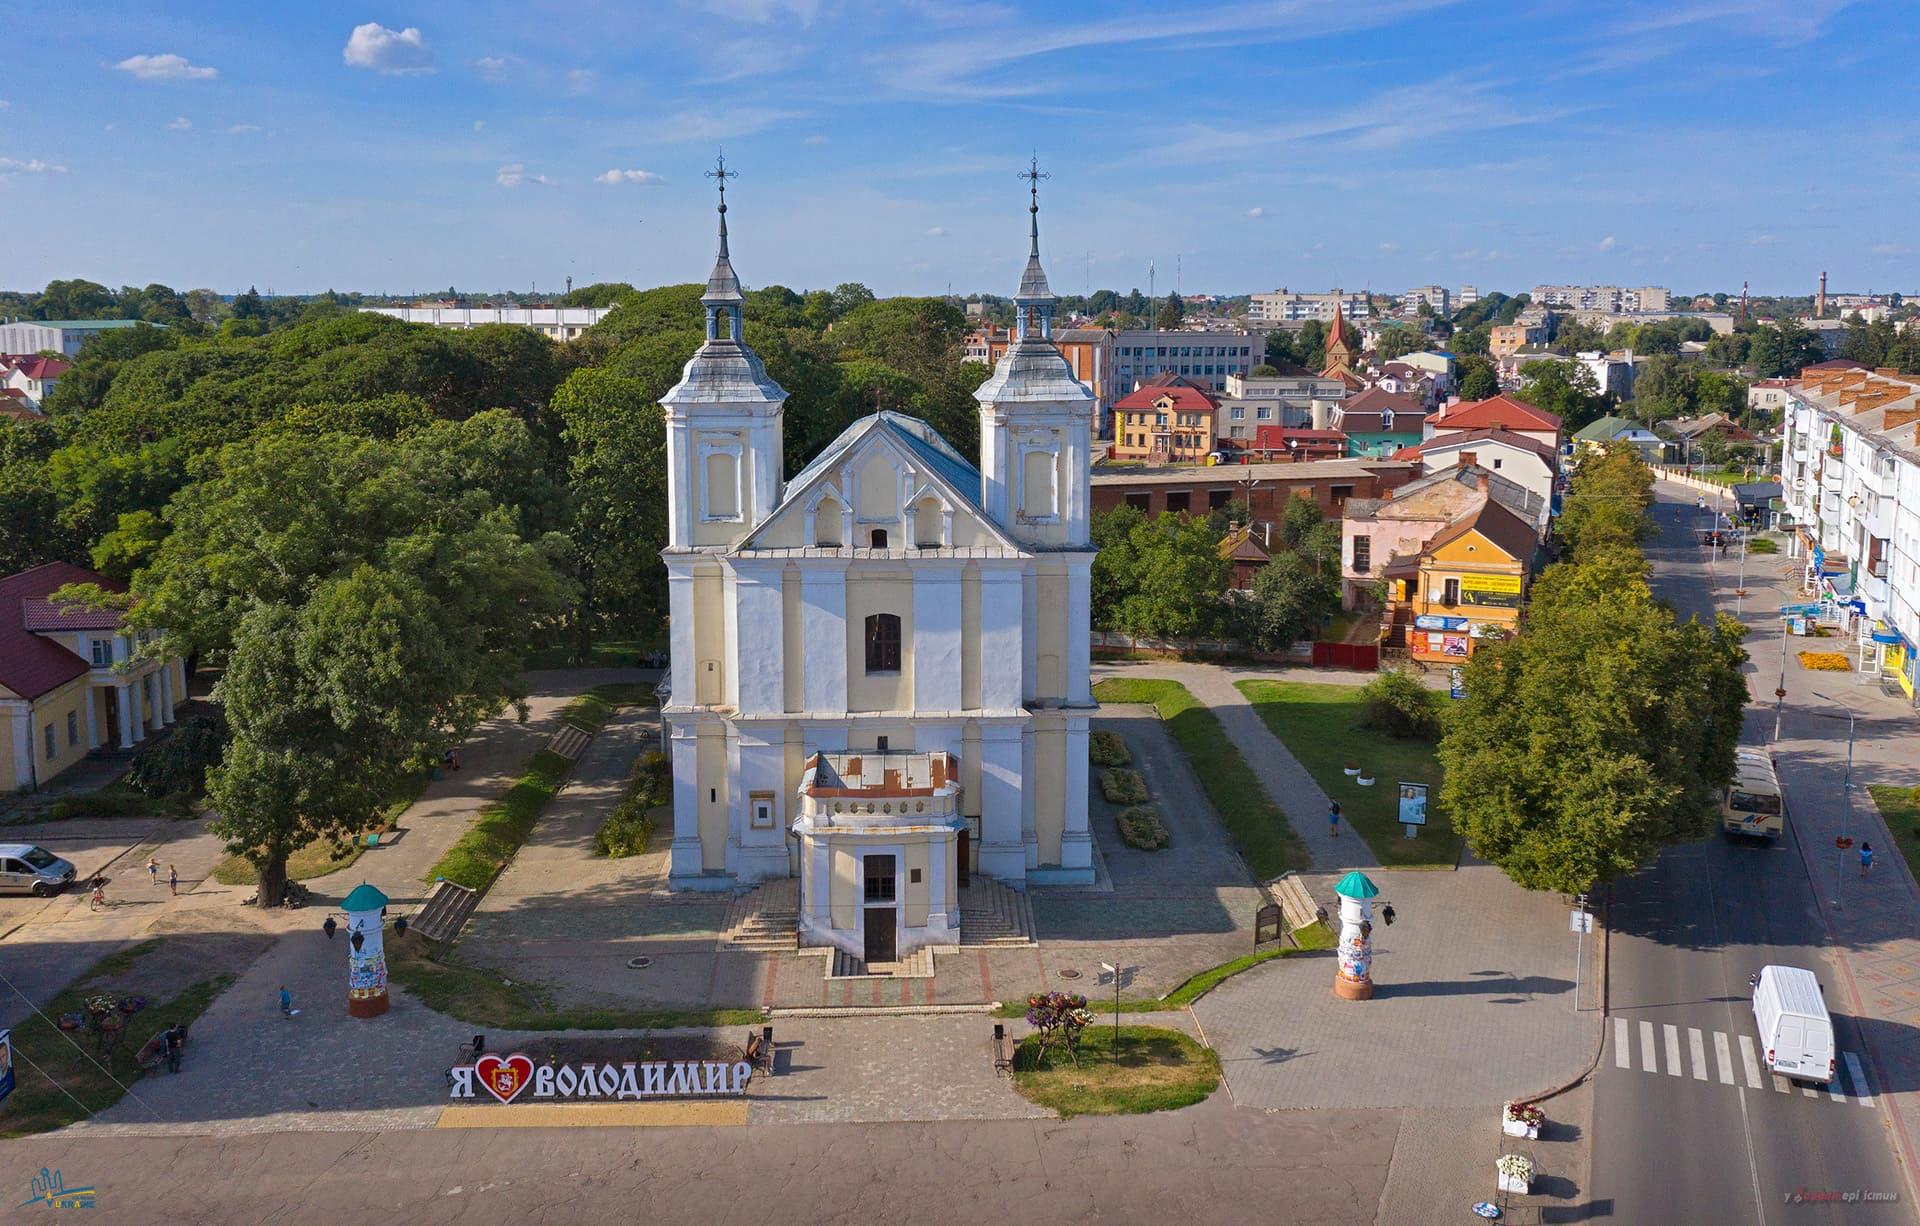 Wolodymyr-Wolynskyj